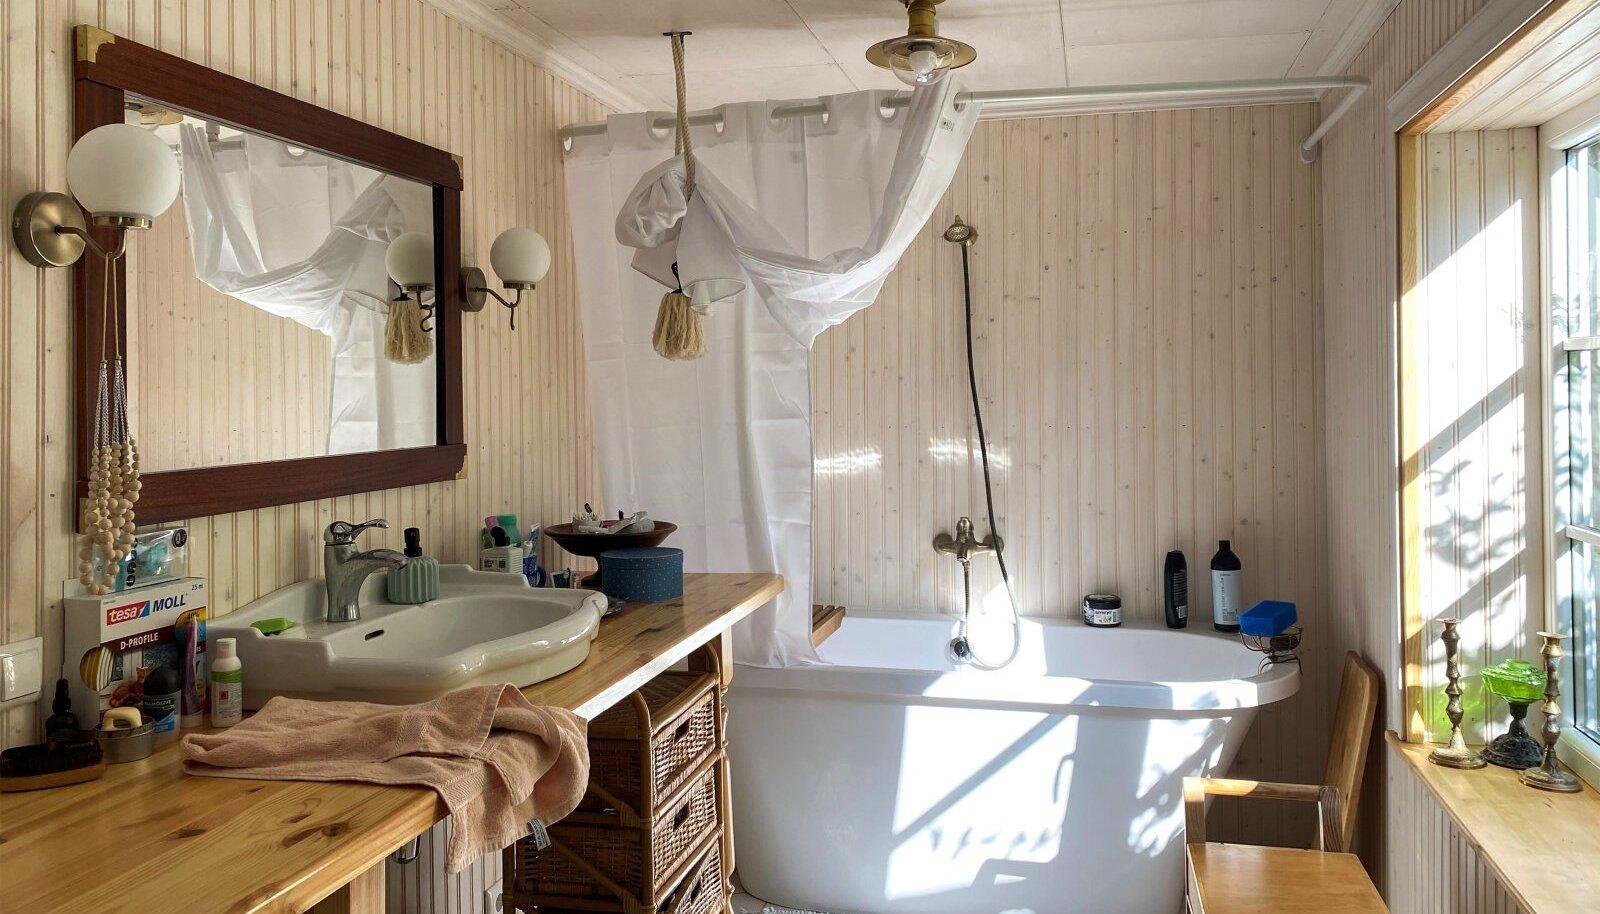 Vannitoa sisustus on segu kaltsukaleidudest (peegel ja kraanikauss), kõige odavama ehituspoe ehk Depo kraami ülevärvimisest (lambid) ja vanaema pärandusest (vana istepink).